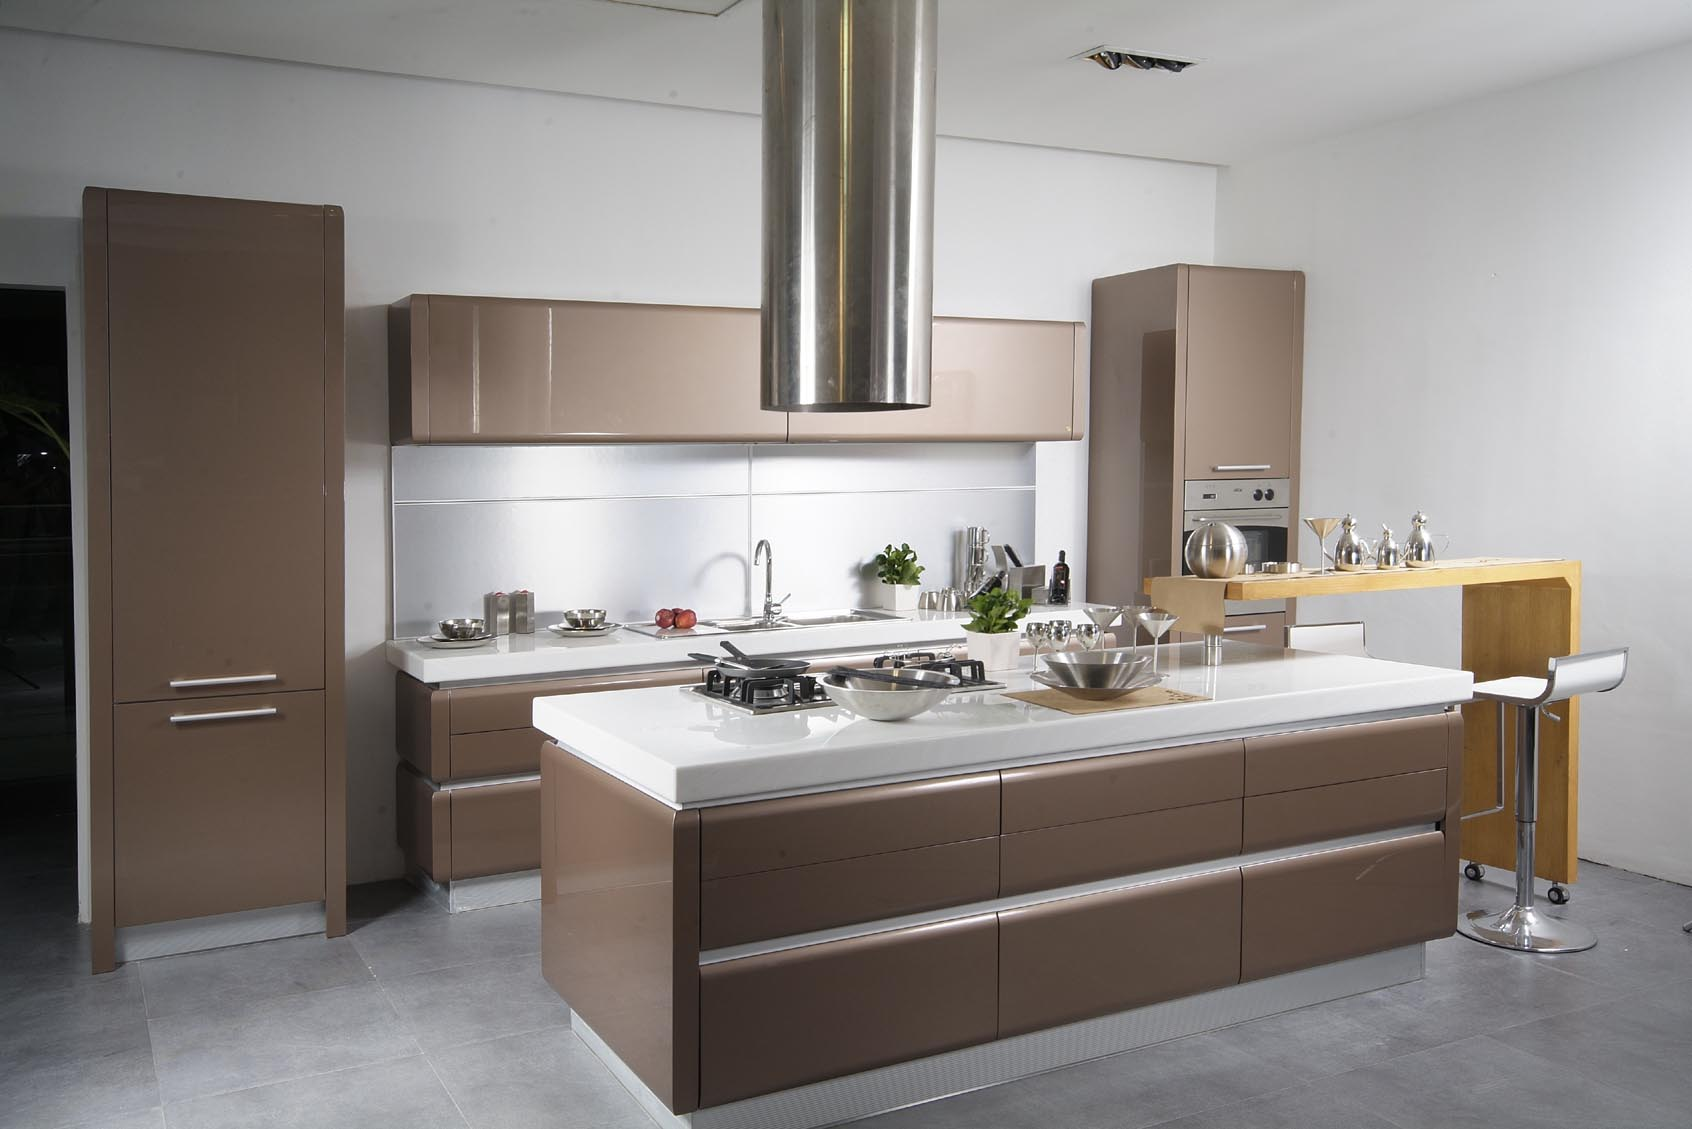 conceptions-de-cuisine-extraordinaires-pour-petite-cuisine-moderne-avec-ilot-et-bar-en-couleur-marron-met en valeur les armoires en bois